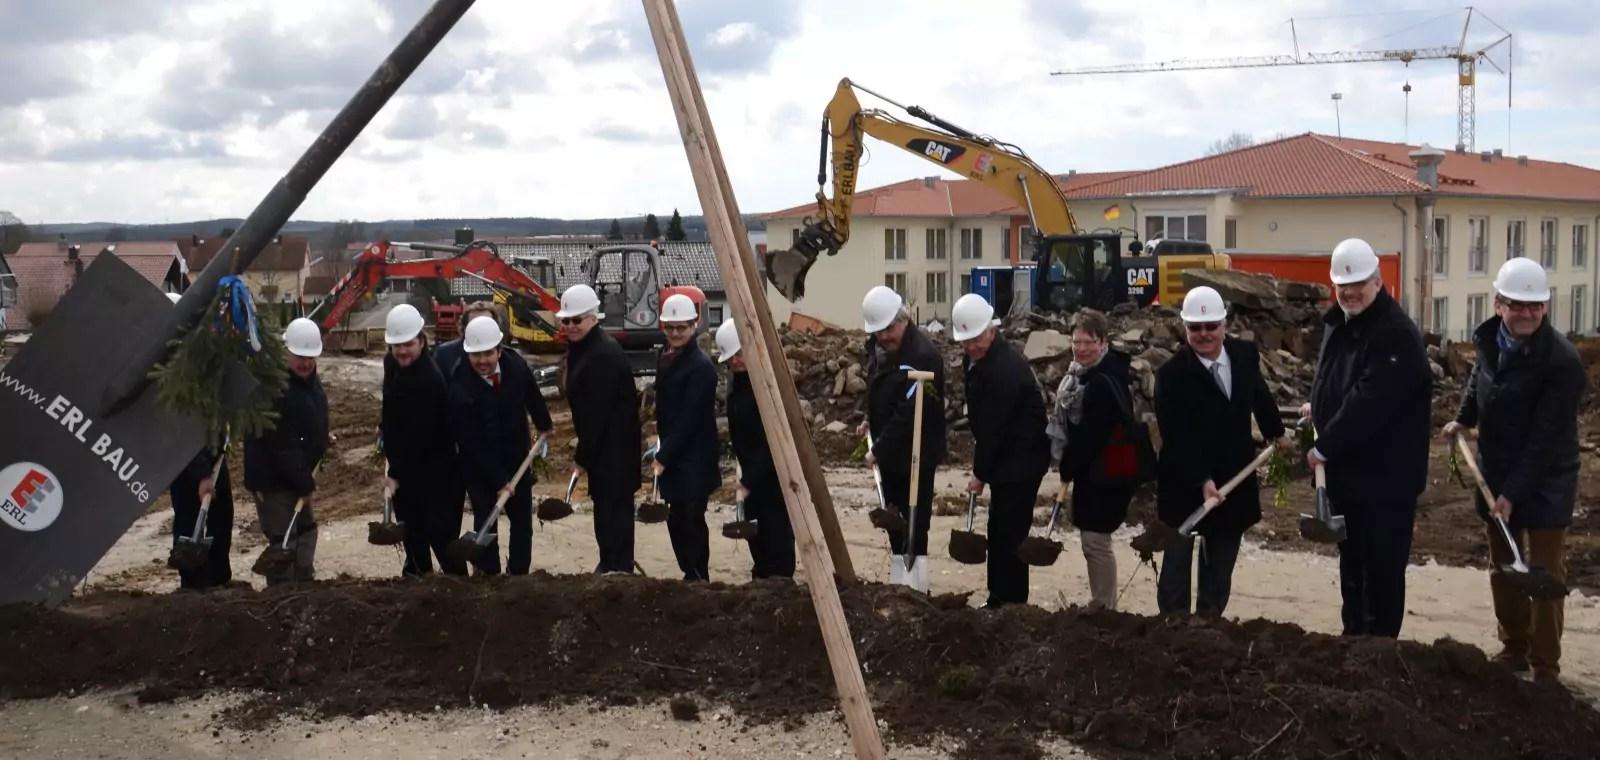 Offizieller Baubeginn mit Spatenstich des Betreuten Wohnens in Geisenfeld  ERL Immobiliengruppe